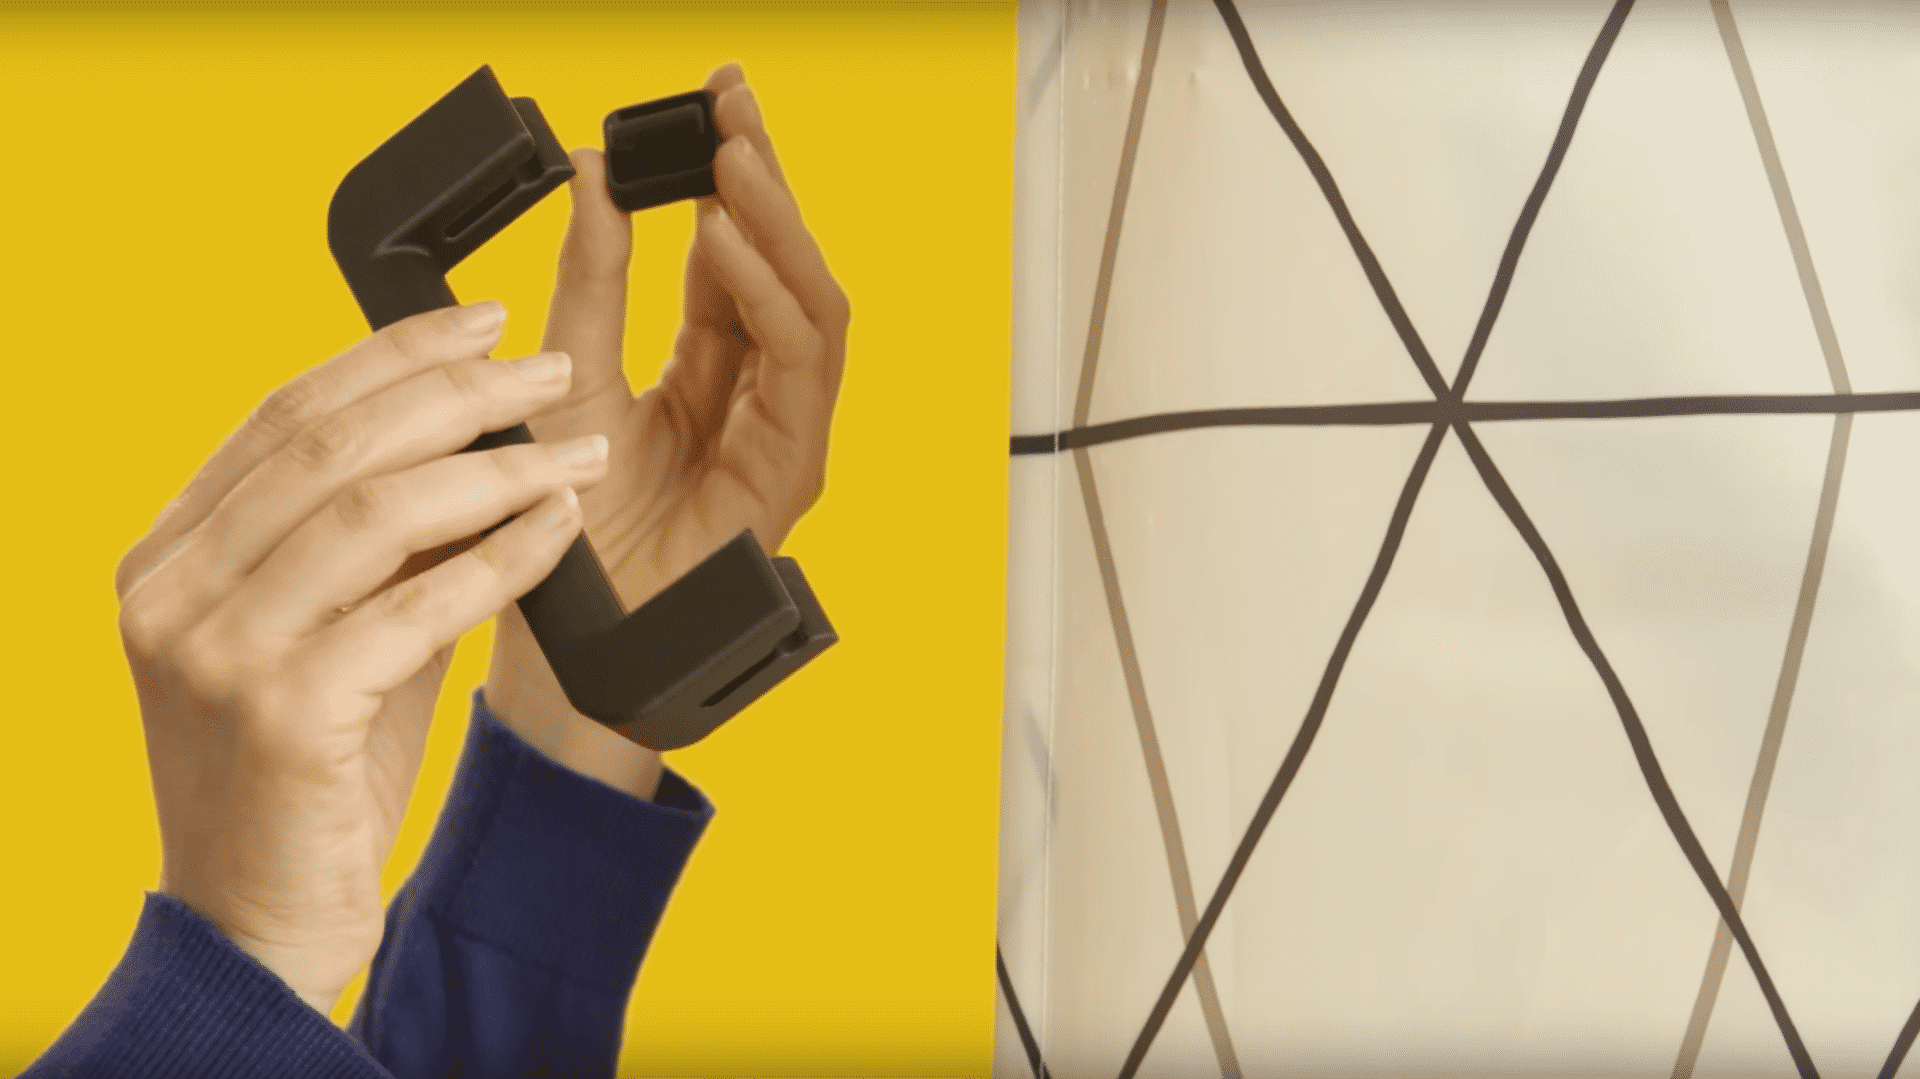 Zwei Hände halten Teile von einem 3D-gedruckten Griff neben einen Duschvorhang.